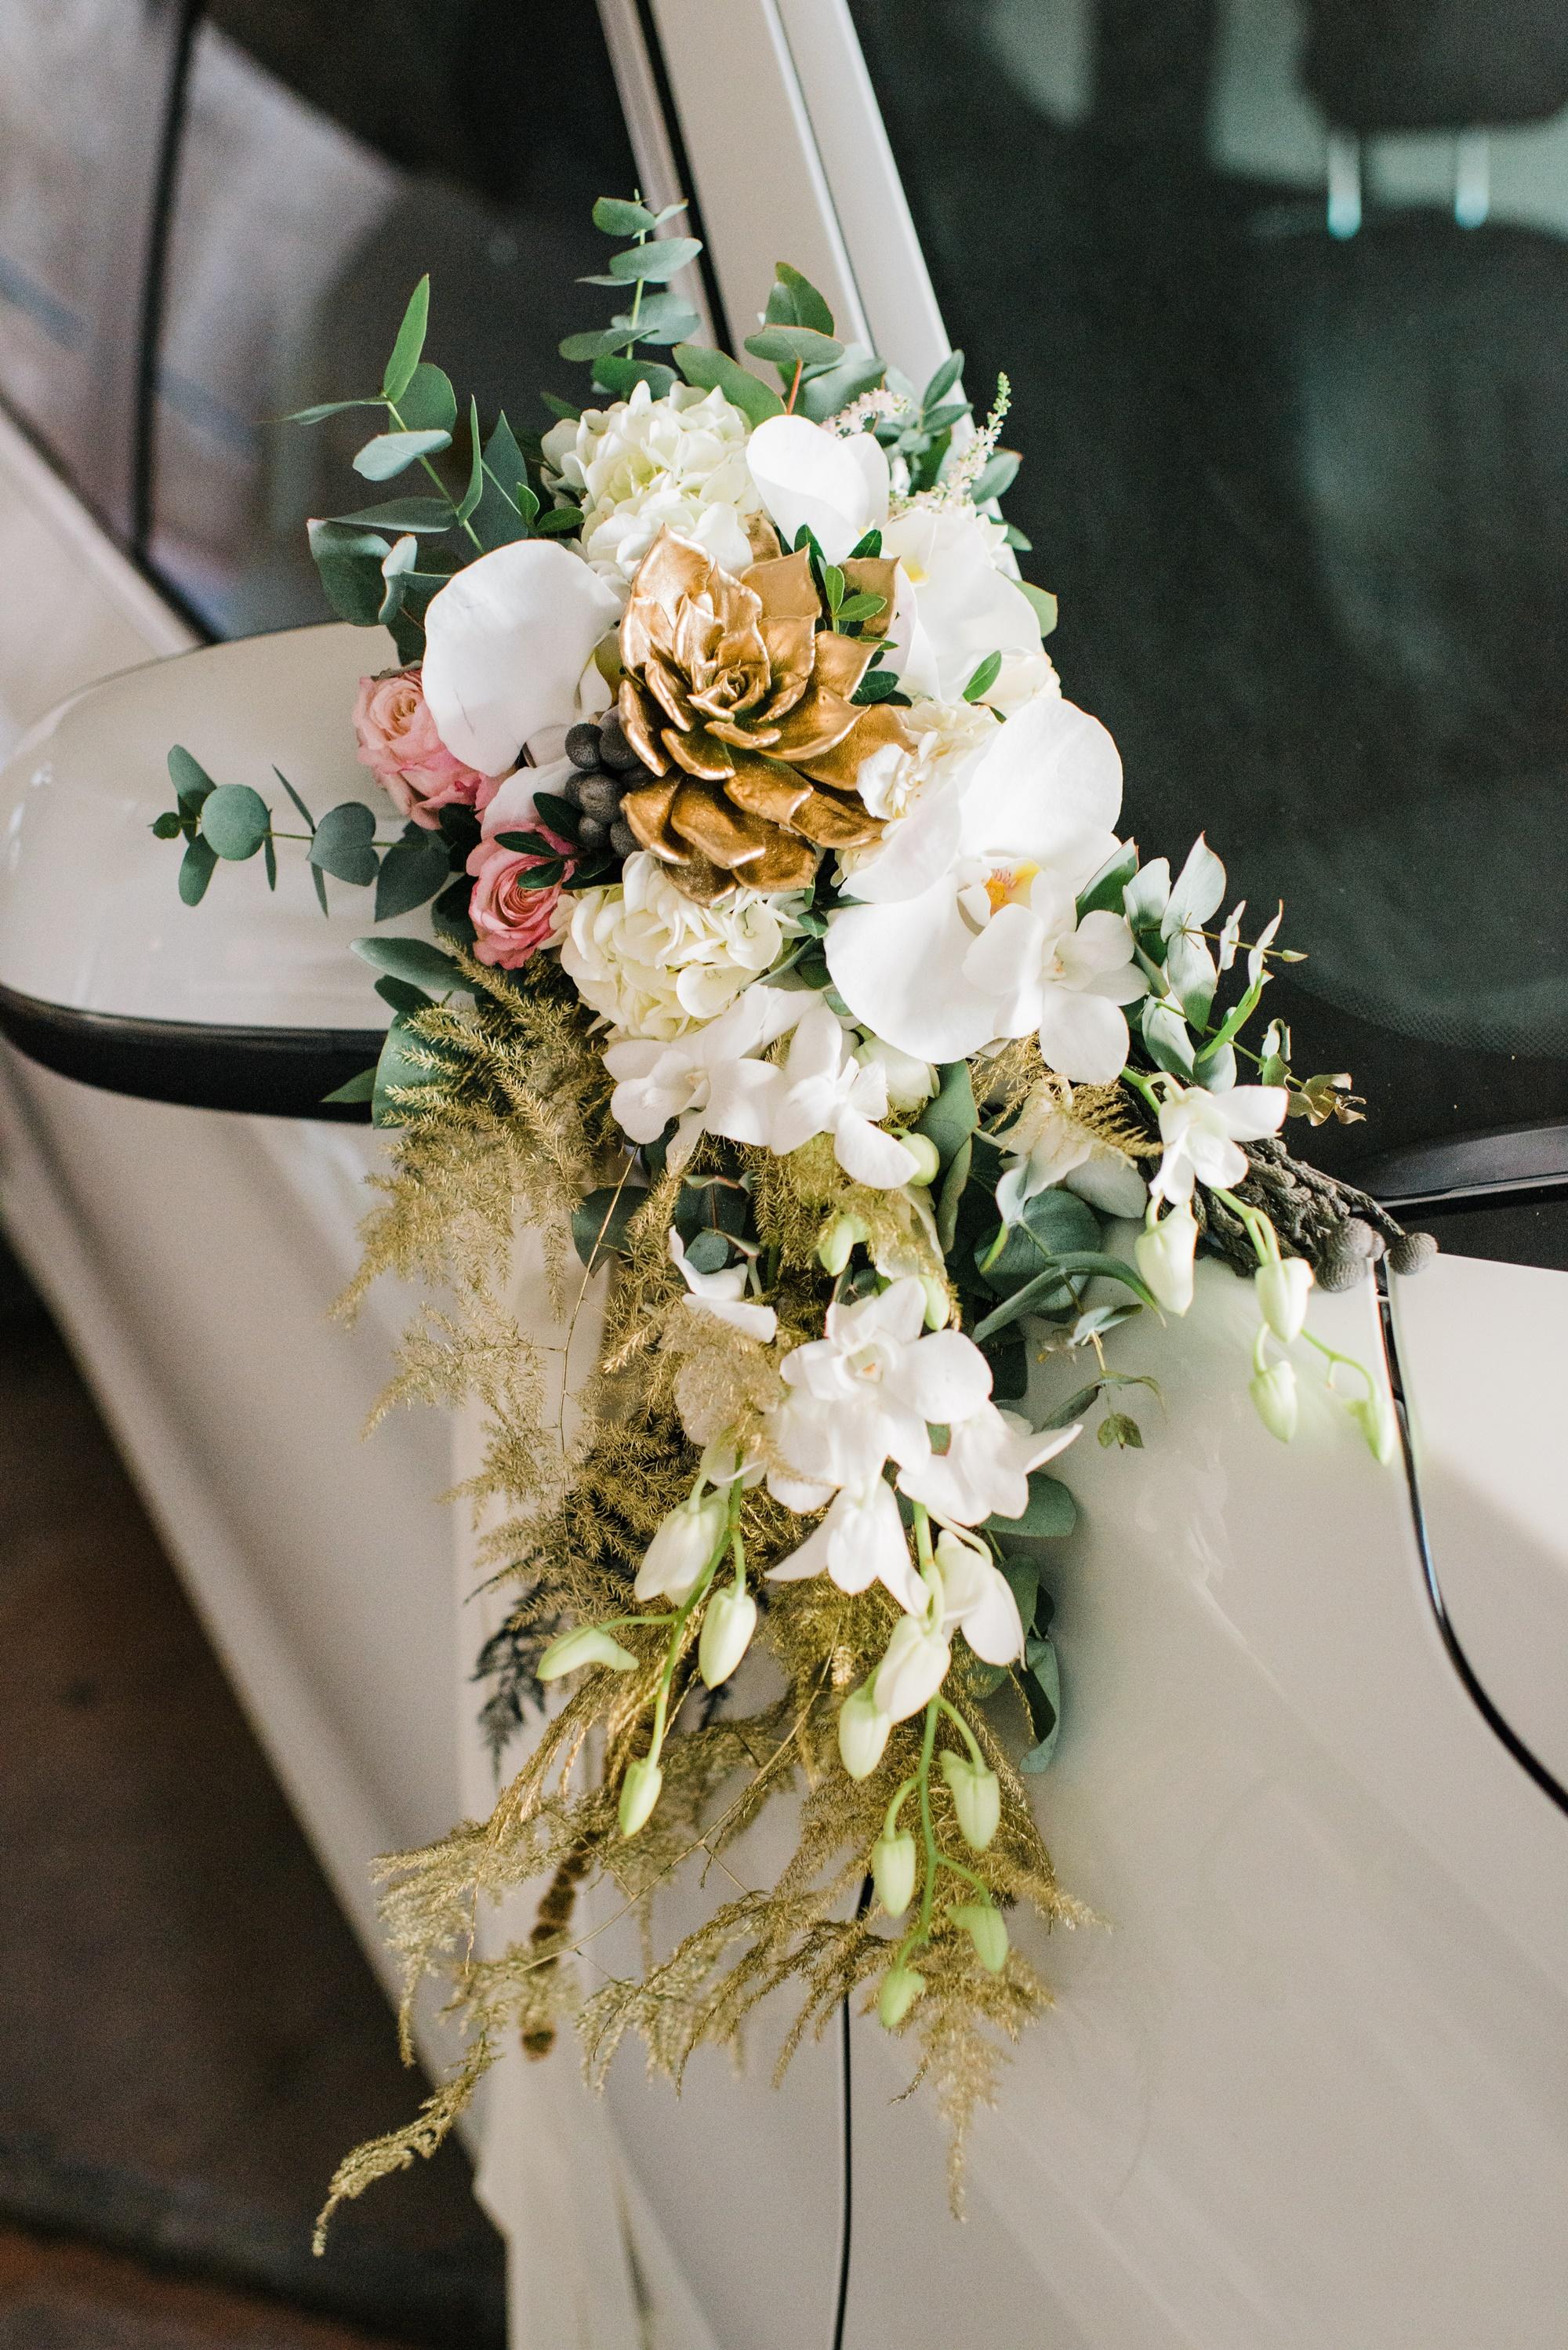 στολισμός αυτοκινήτου της νύφης